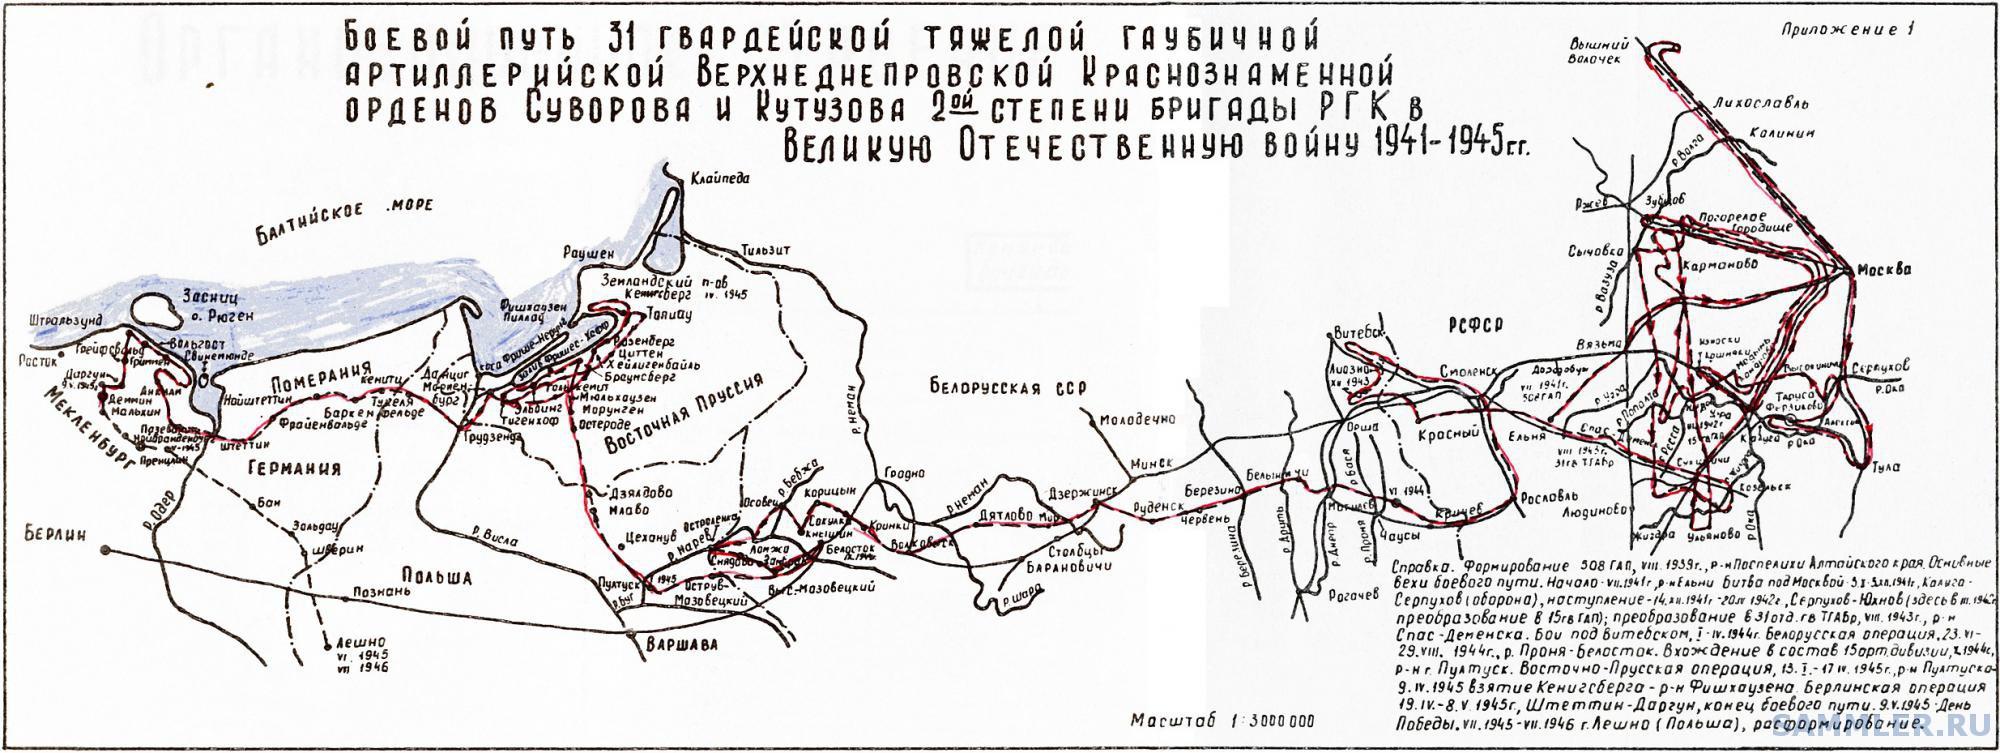 Боевой путь 31ГвГАБр - копия.jpg